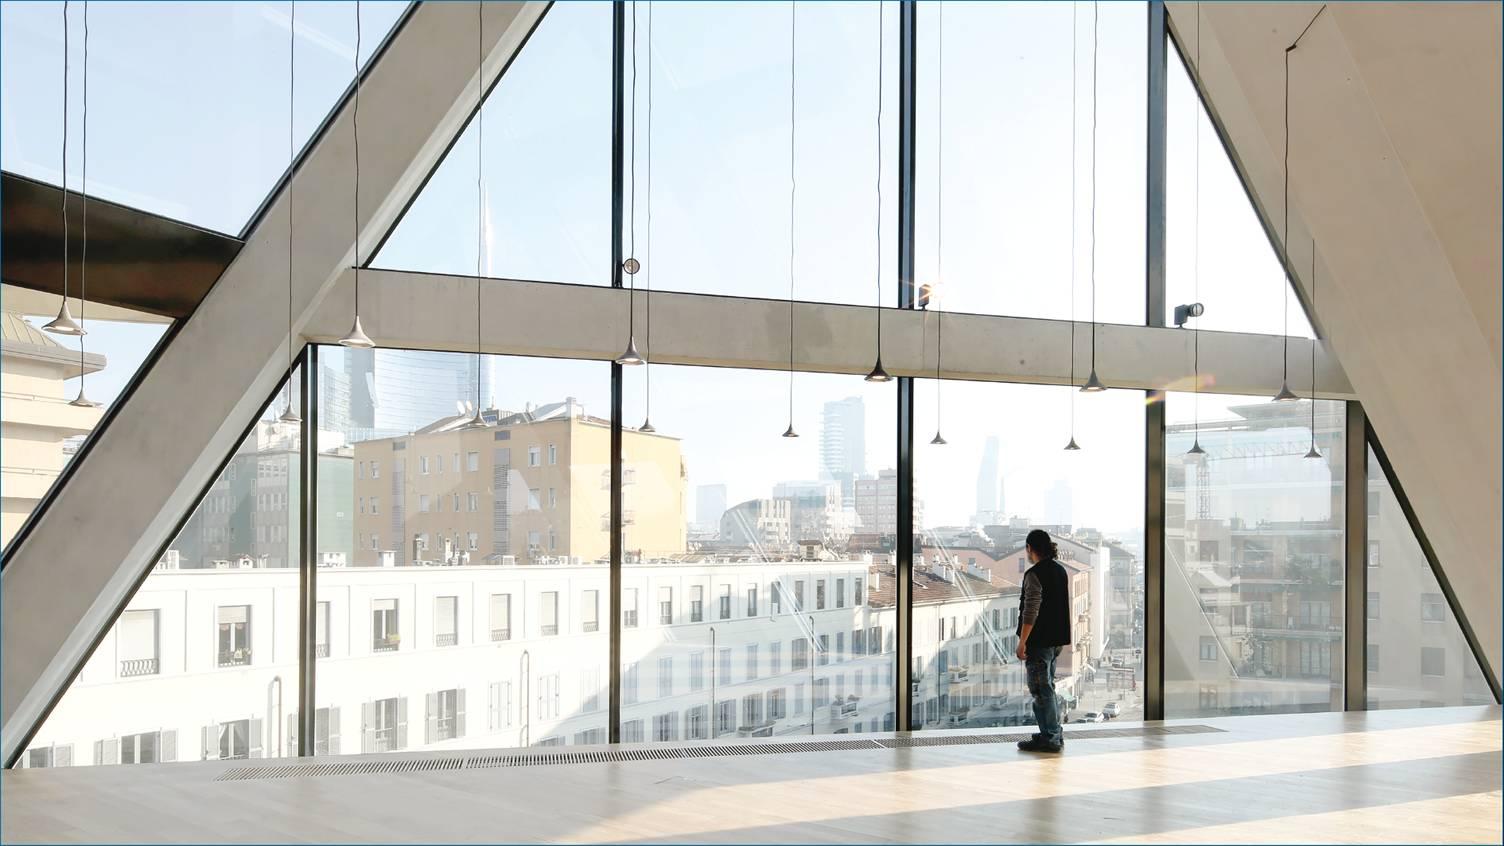 Milano. La nuova sede della Fondazione Giangiacomo Feltrinelli in Viale Pasubio (foto: Filippo Romano)